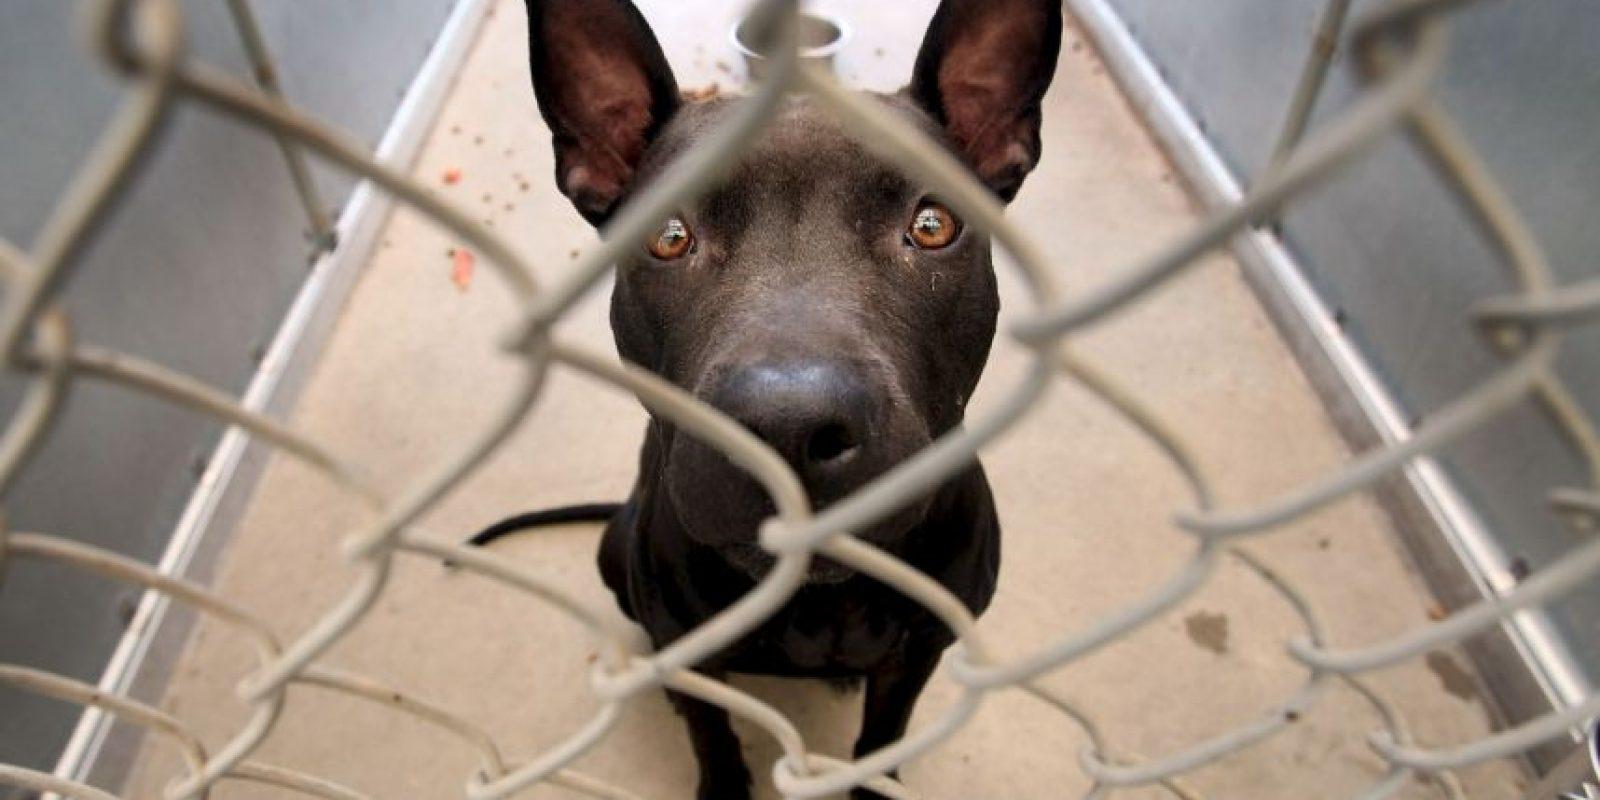 """""""Adoptar un perro o gato simplemente porque es lo que la gente 'hace' o porque los niños han estado llorando por un cachorro generalmente termina en un gran error"""", dice la organización de protección de animales. Foto:Getty Images"""